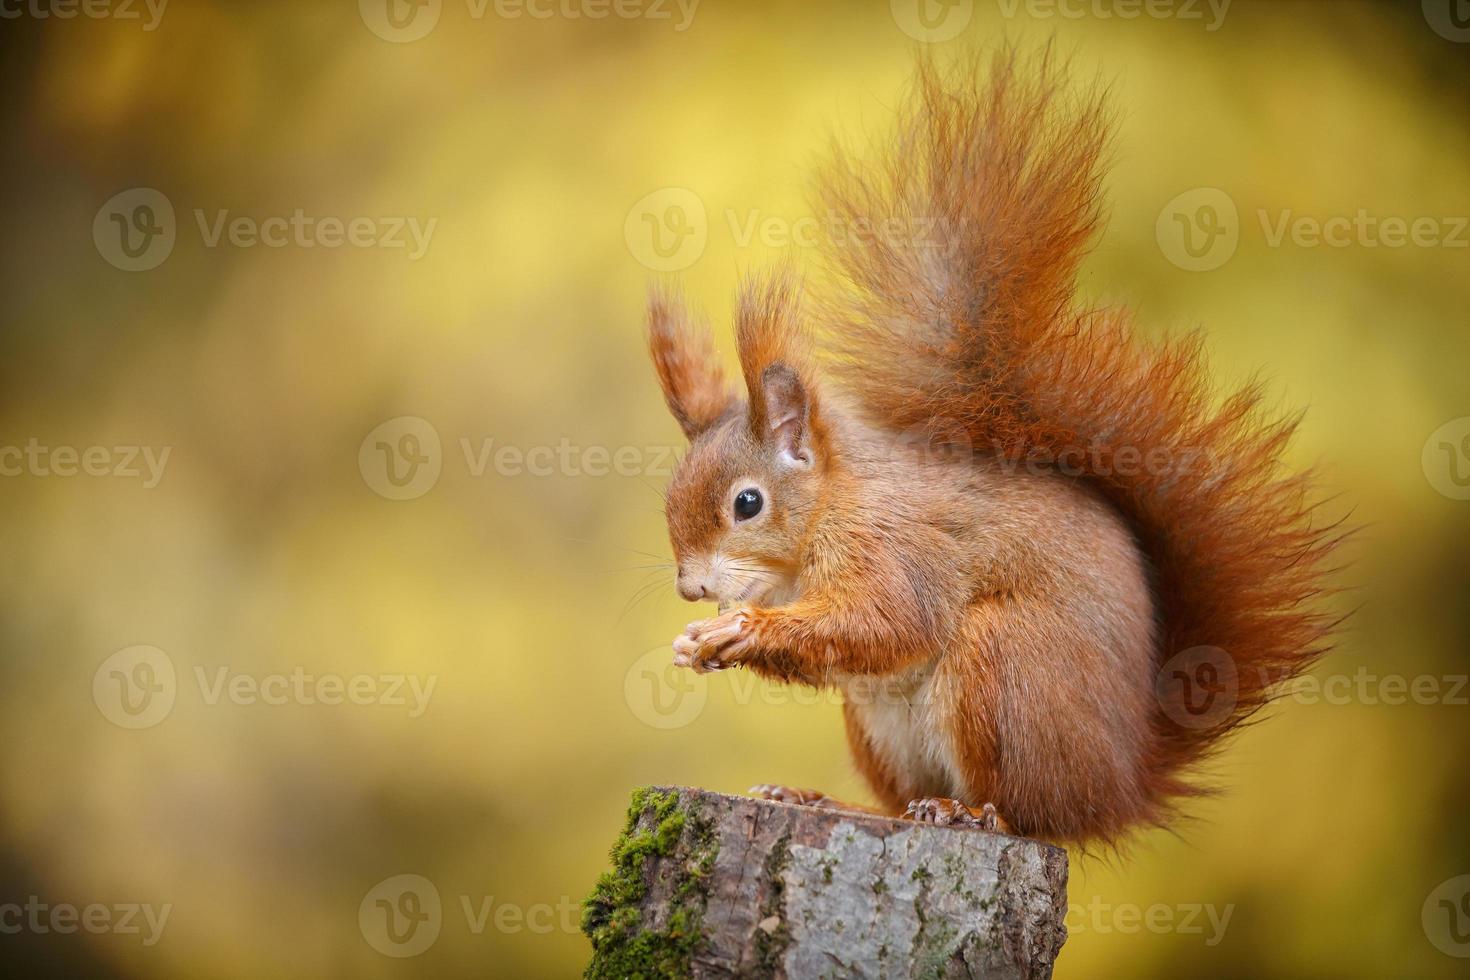 rode eekhoorn in herfstkleuren foto